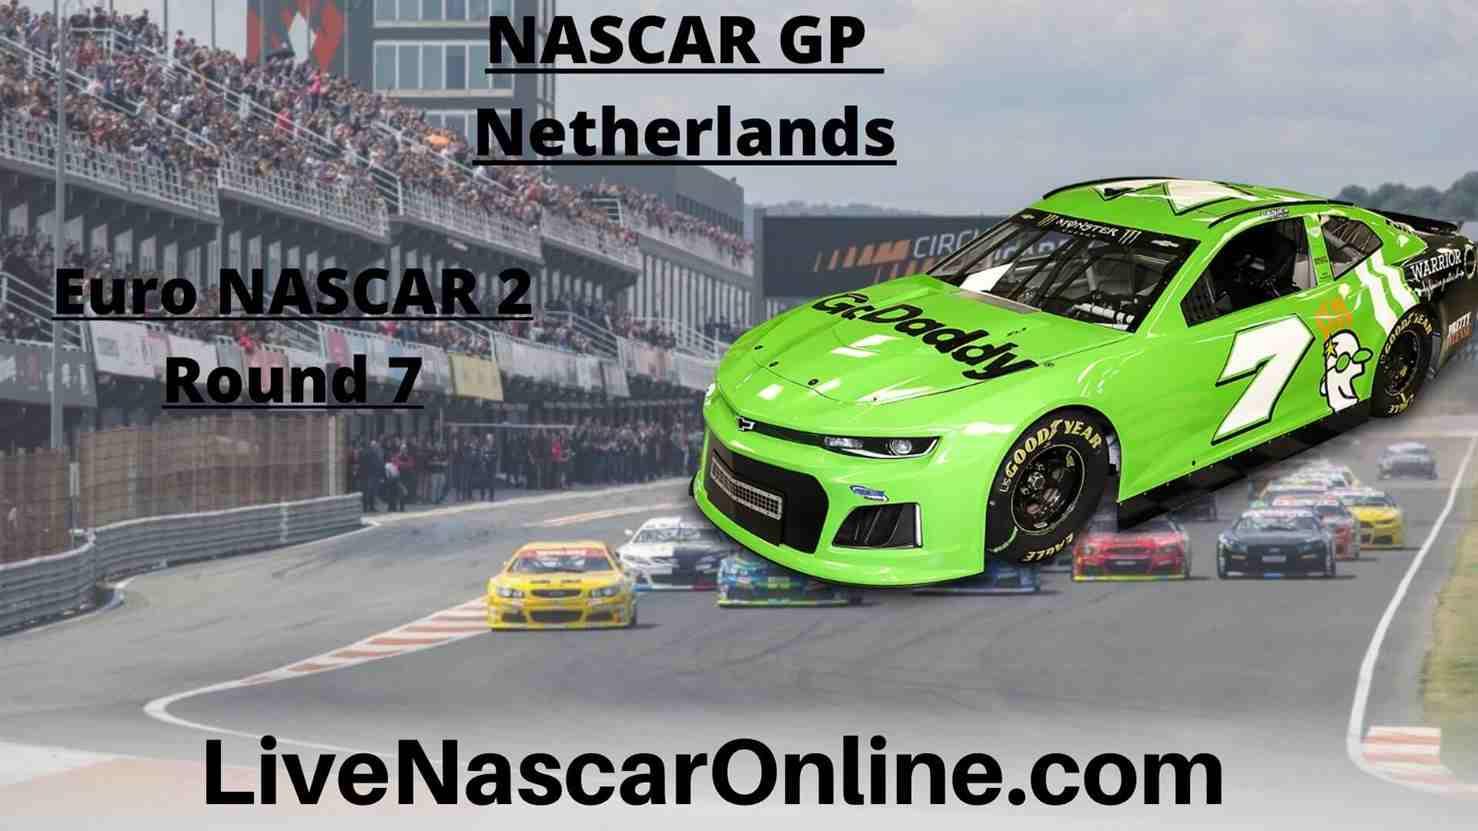 NASCAR GP Netherlands Online Stream | Euro NASCAR 2 Round 7